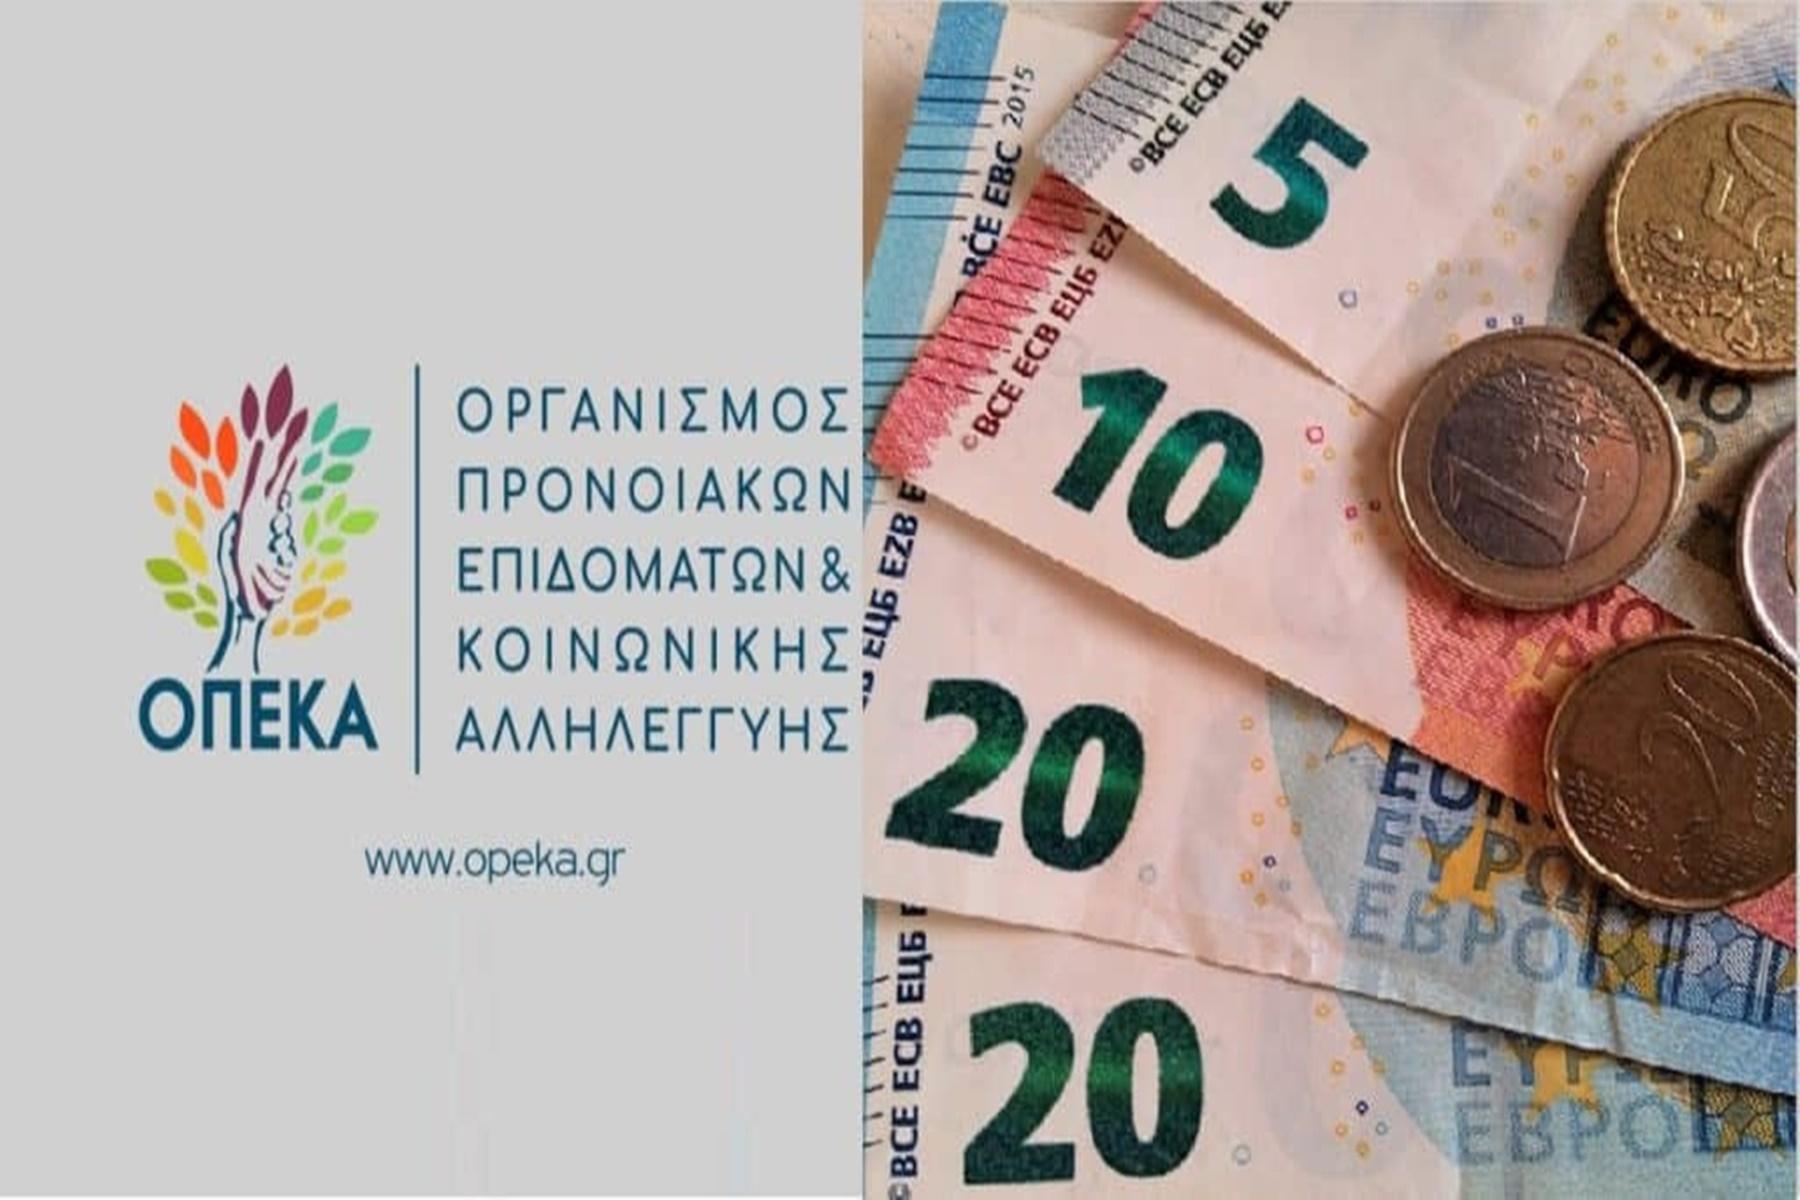 ΟΠΕΚΑ: Έκτακτη καταβολή επιδομάτων (Δείτε γιατί)